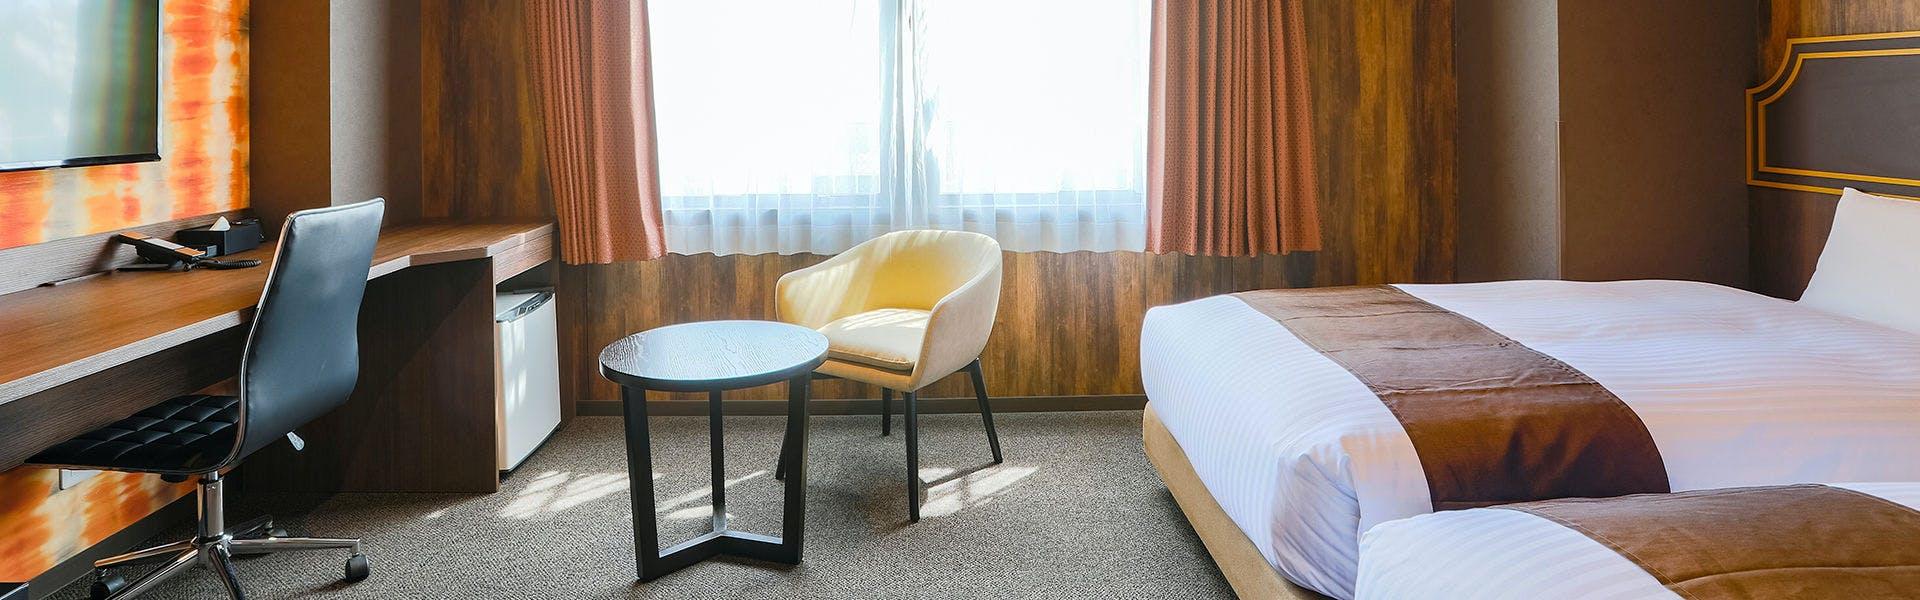 記念日におすすめのホテル・ホテルウィングインターナショナルセレクト熊本の写真3